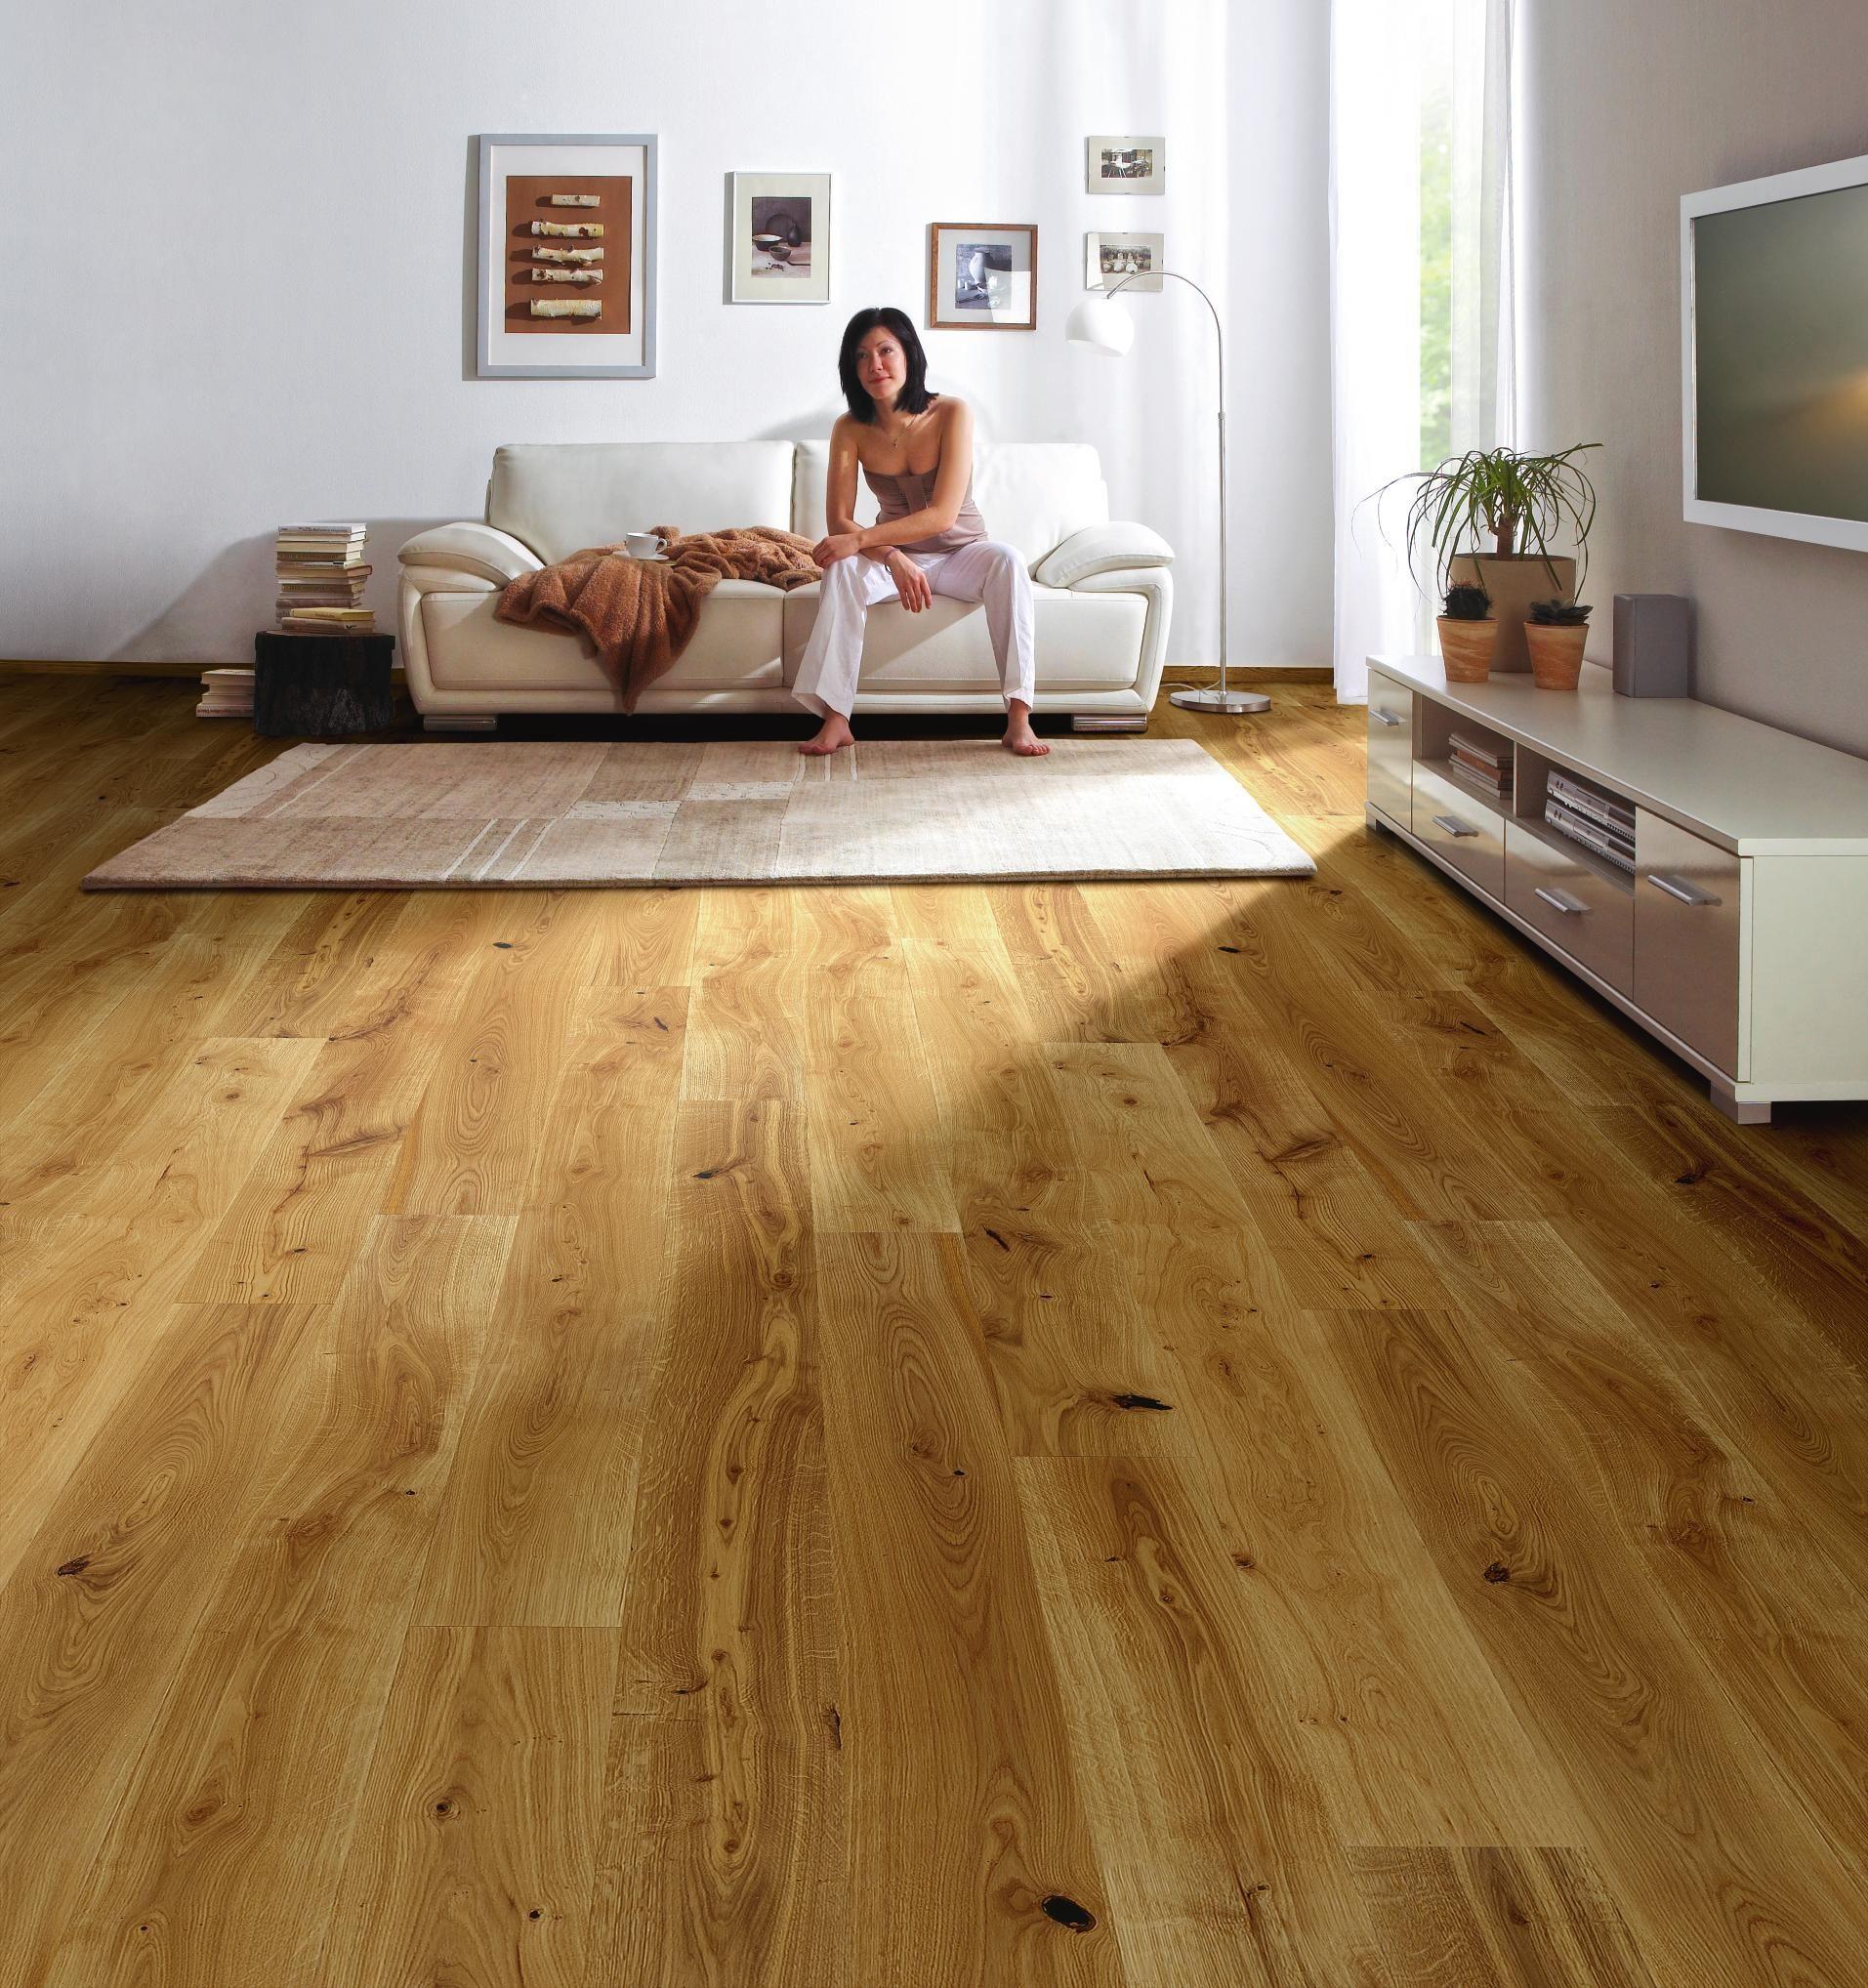 Parkettboden von AMBIENTE: lebhaftes Eichenholz für Ihr Zuhause